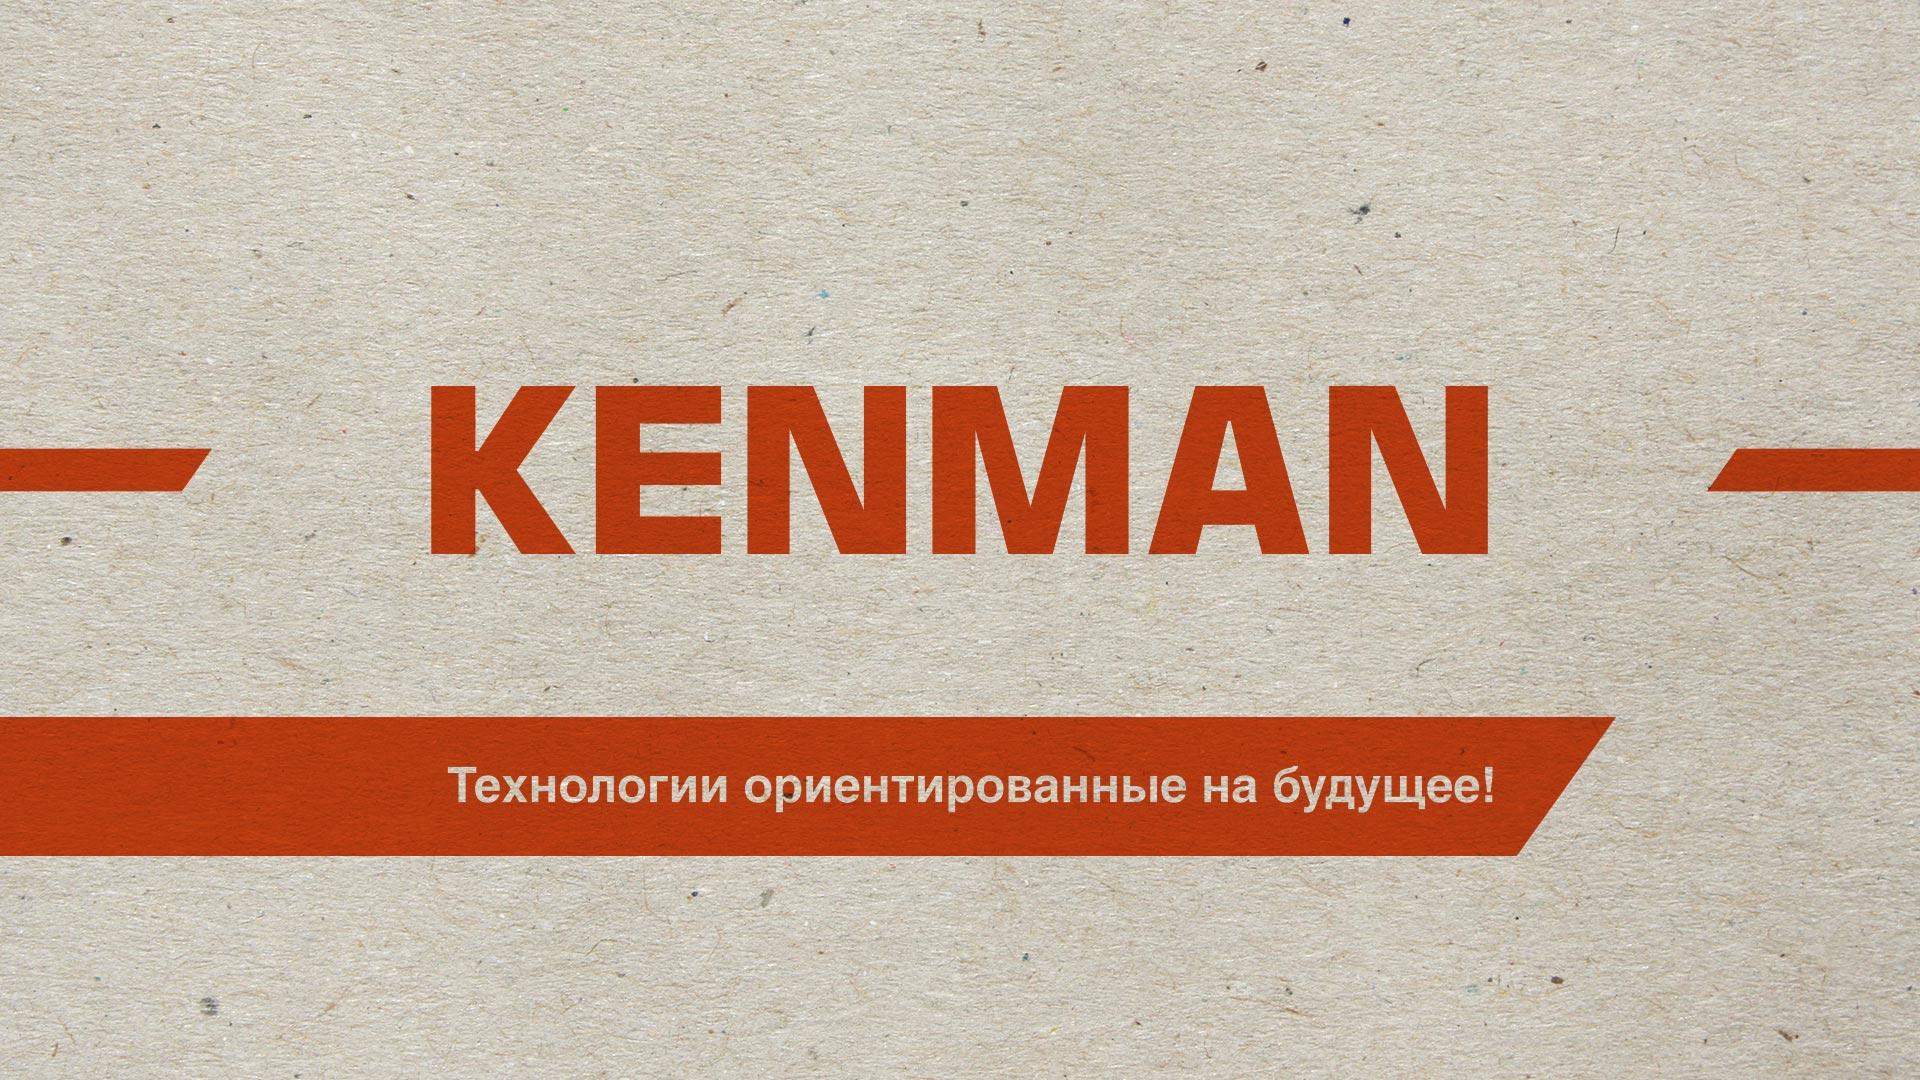 Логотип и фирменный стиль для компании KENMAN